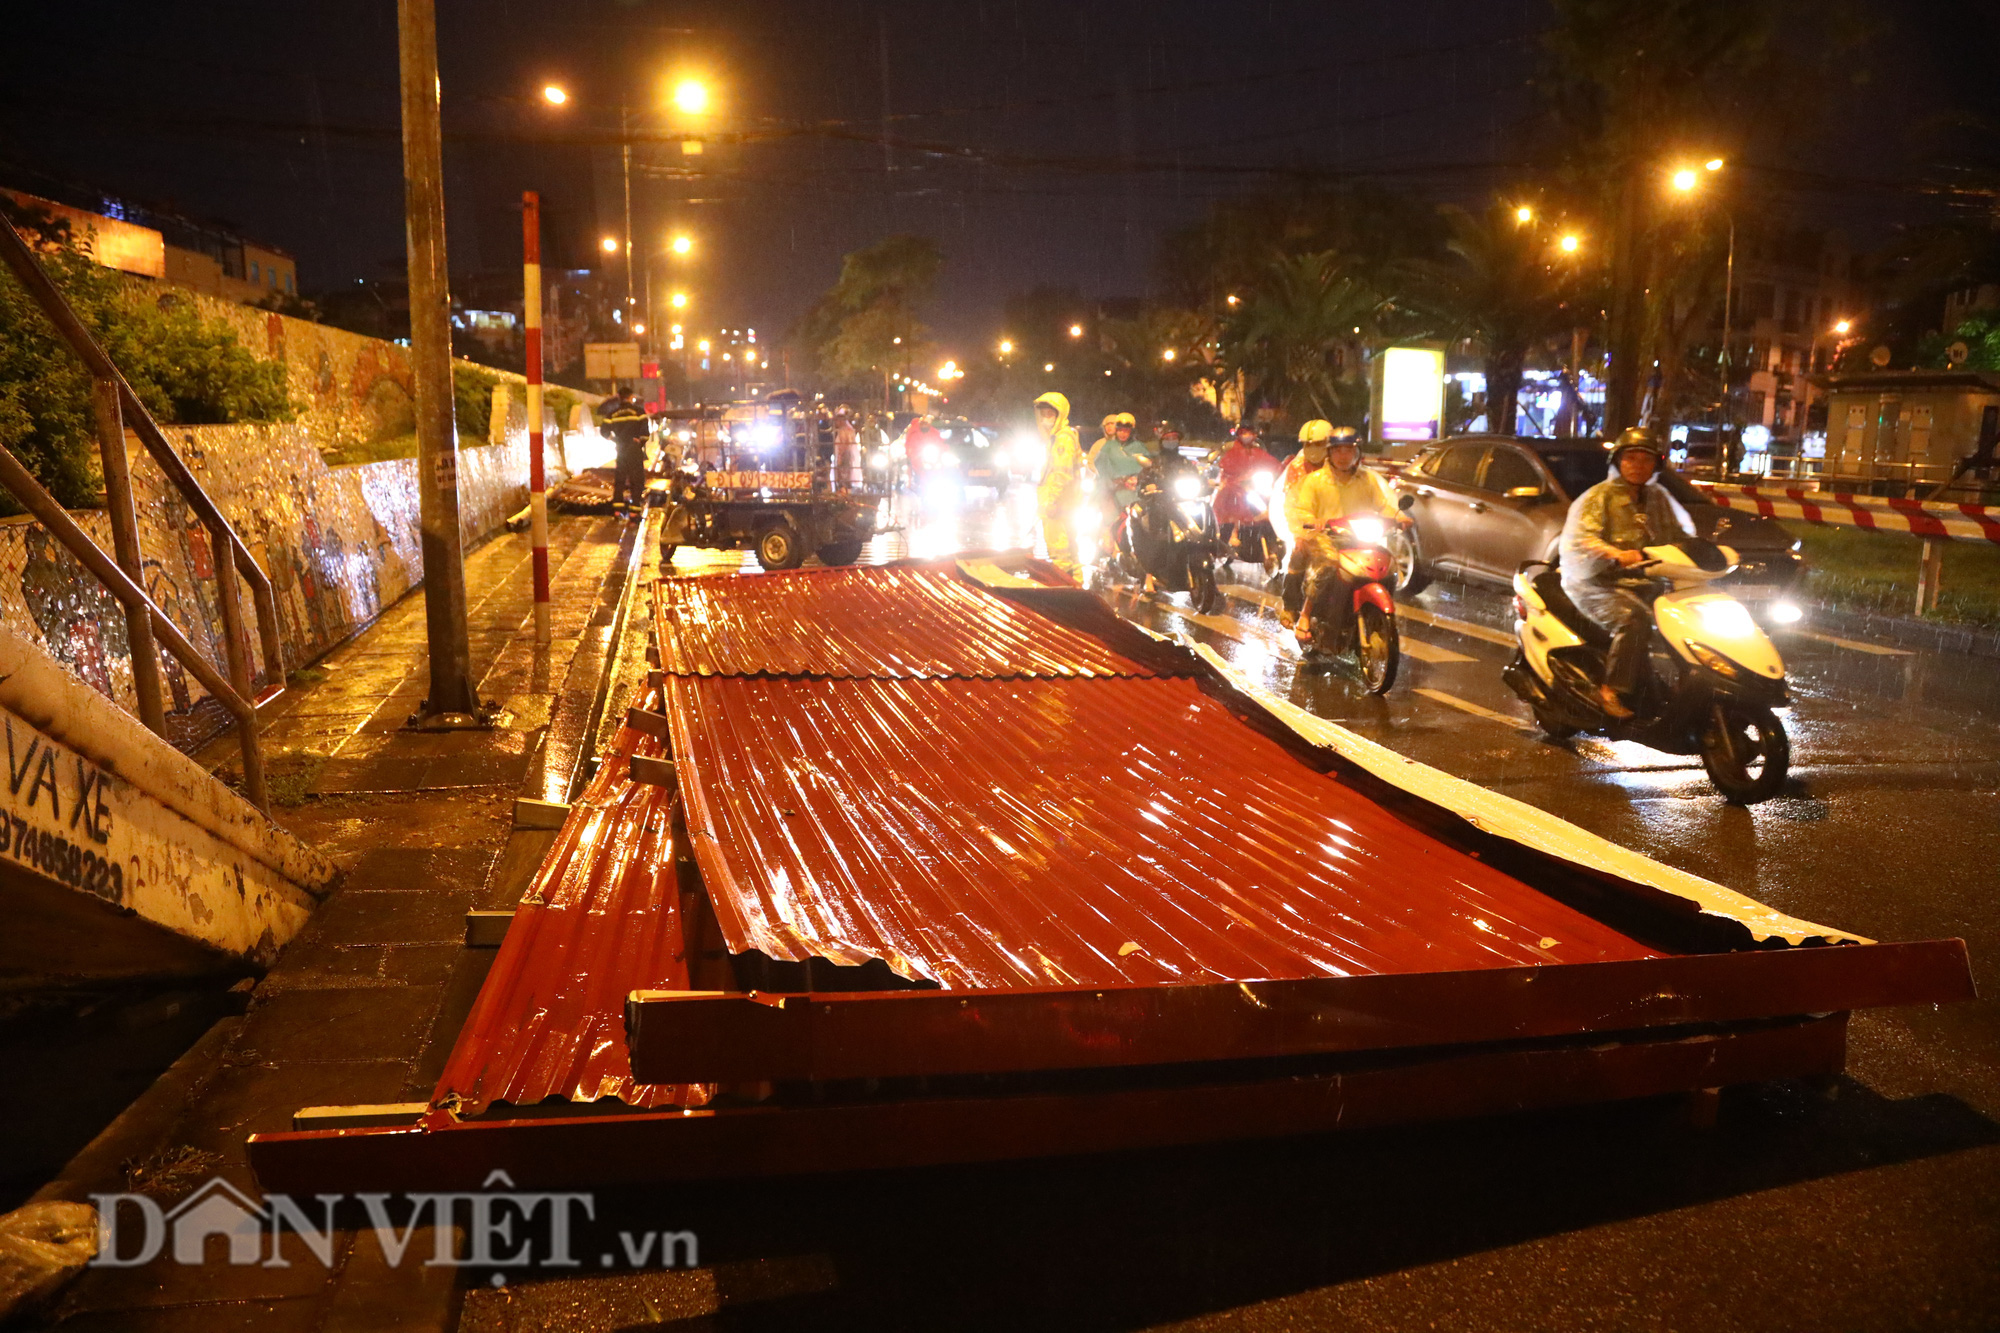 Đội mưa giông dọn mái tôn bay xuống giữa đường gốm sứ Hà Nội - Ảnh 1.